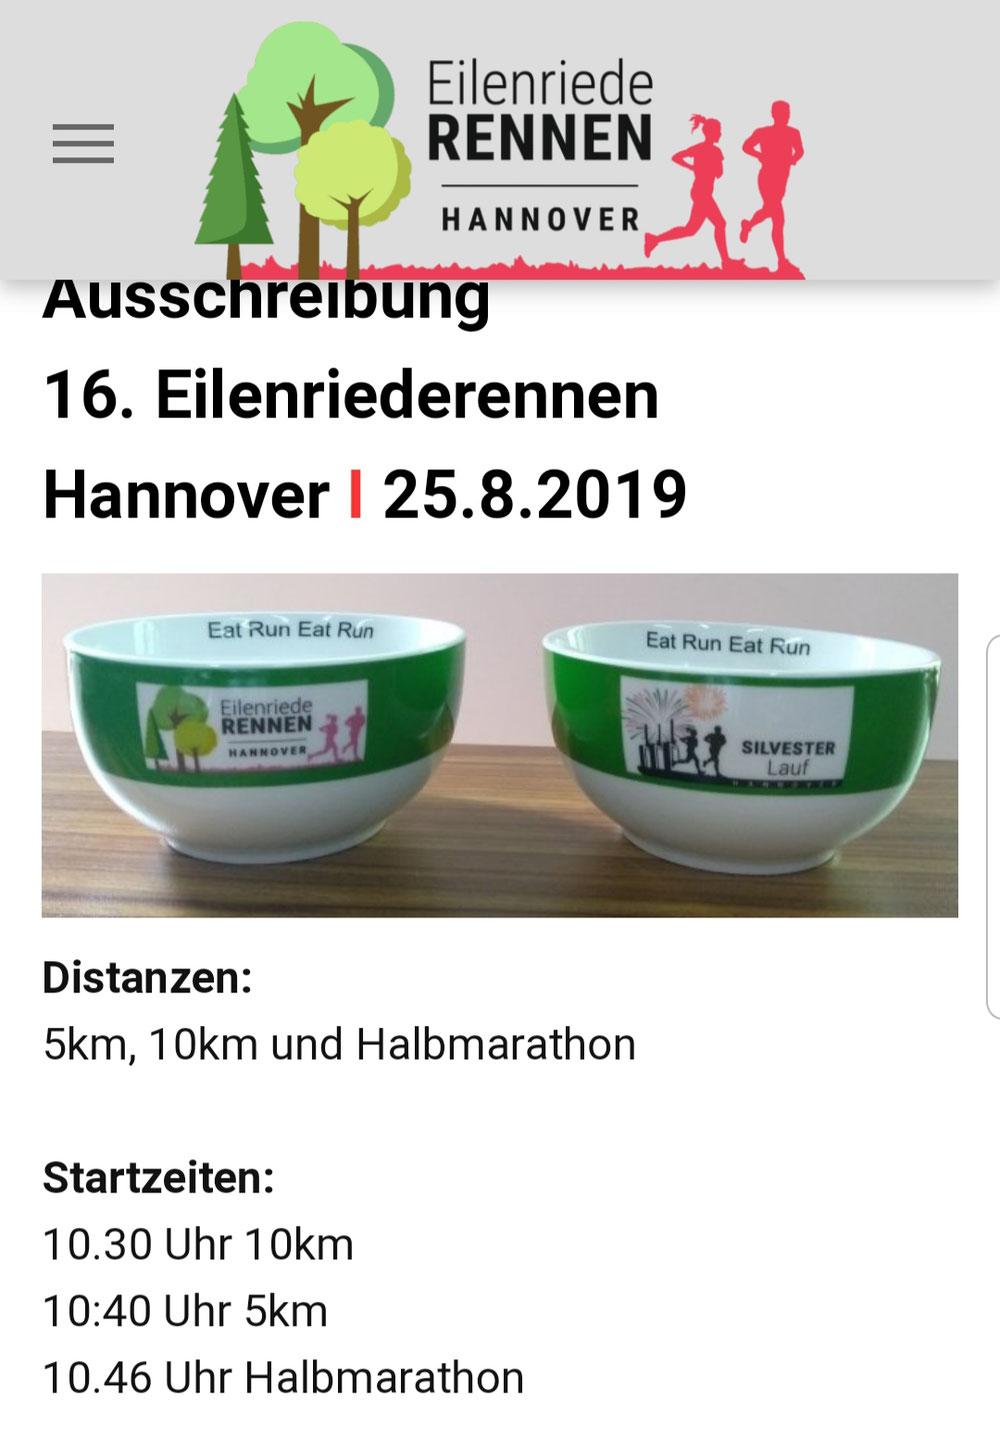 Eilenriederennen am 25.08.2019 in Hannover